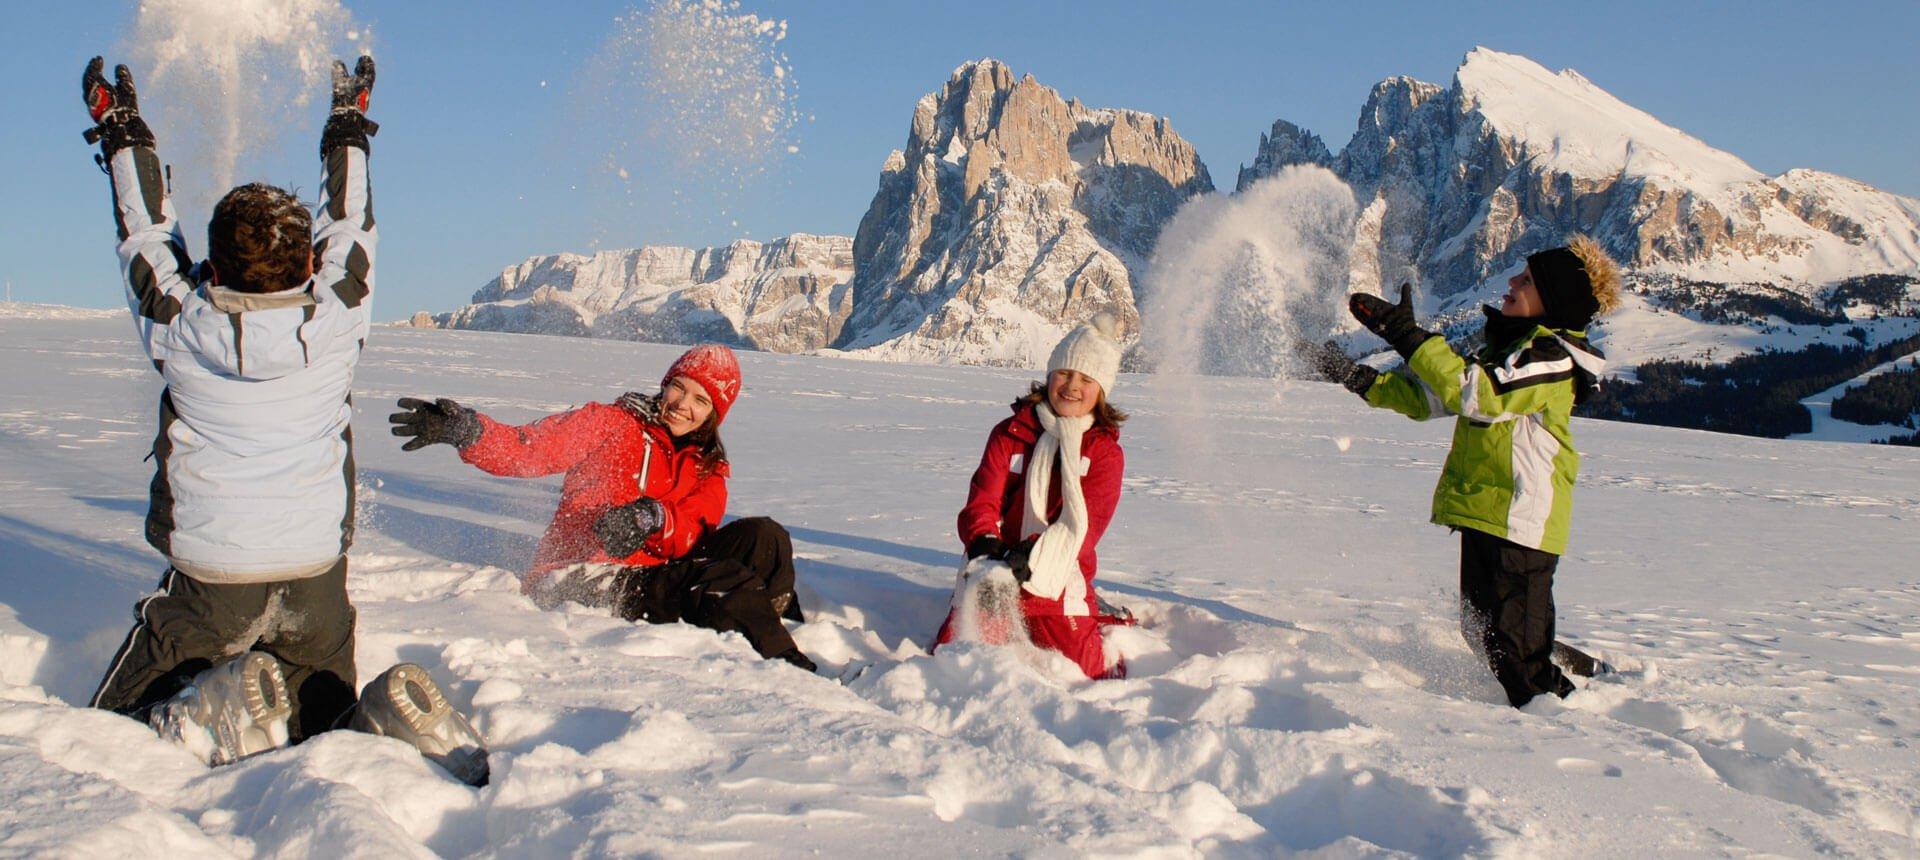 winterfreuden-seiser-alm-dolomiten